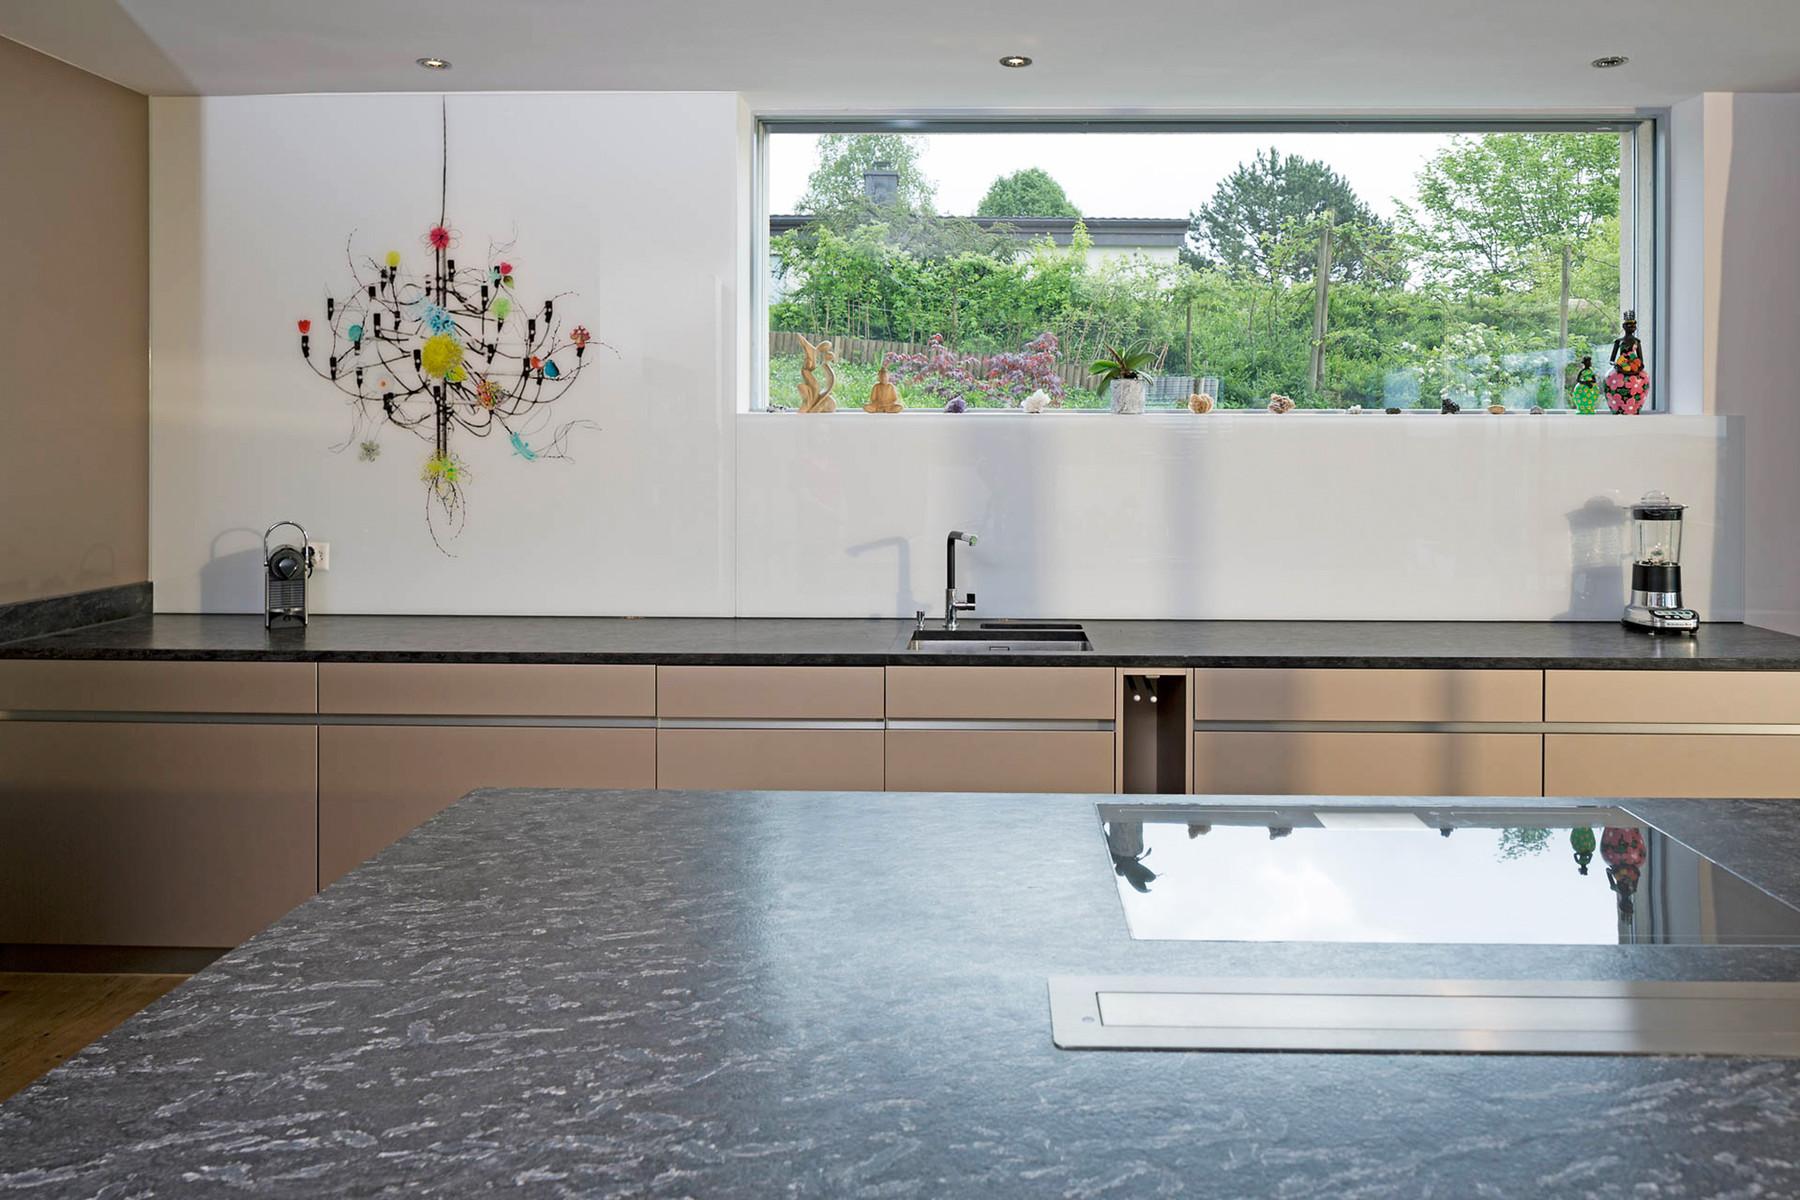 Küchenrückwand aus Glas | GLASVETIA